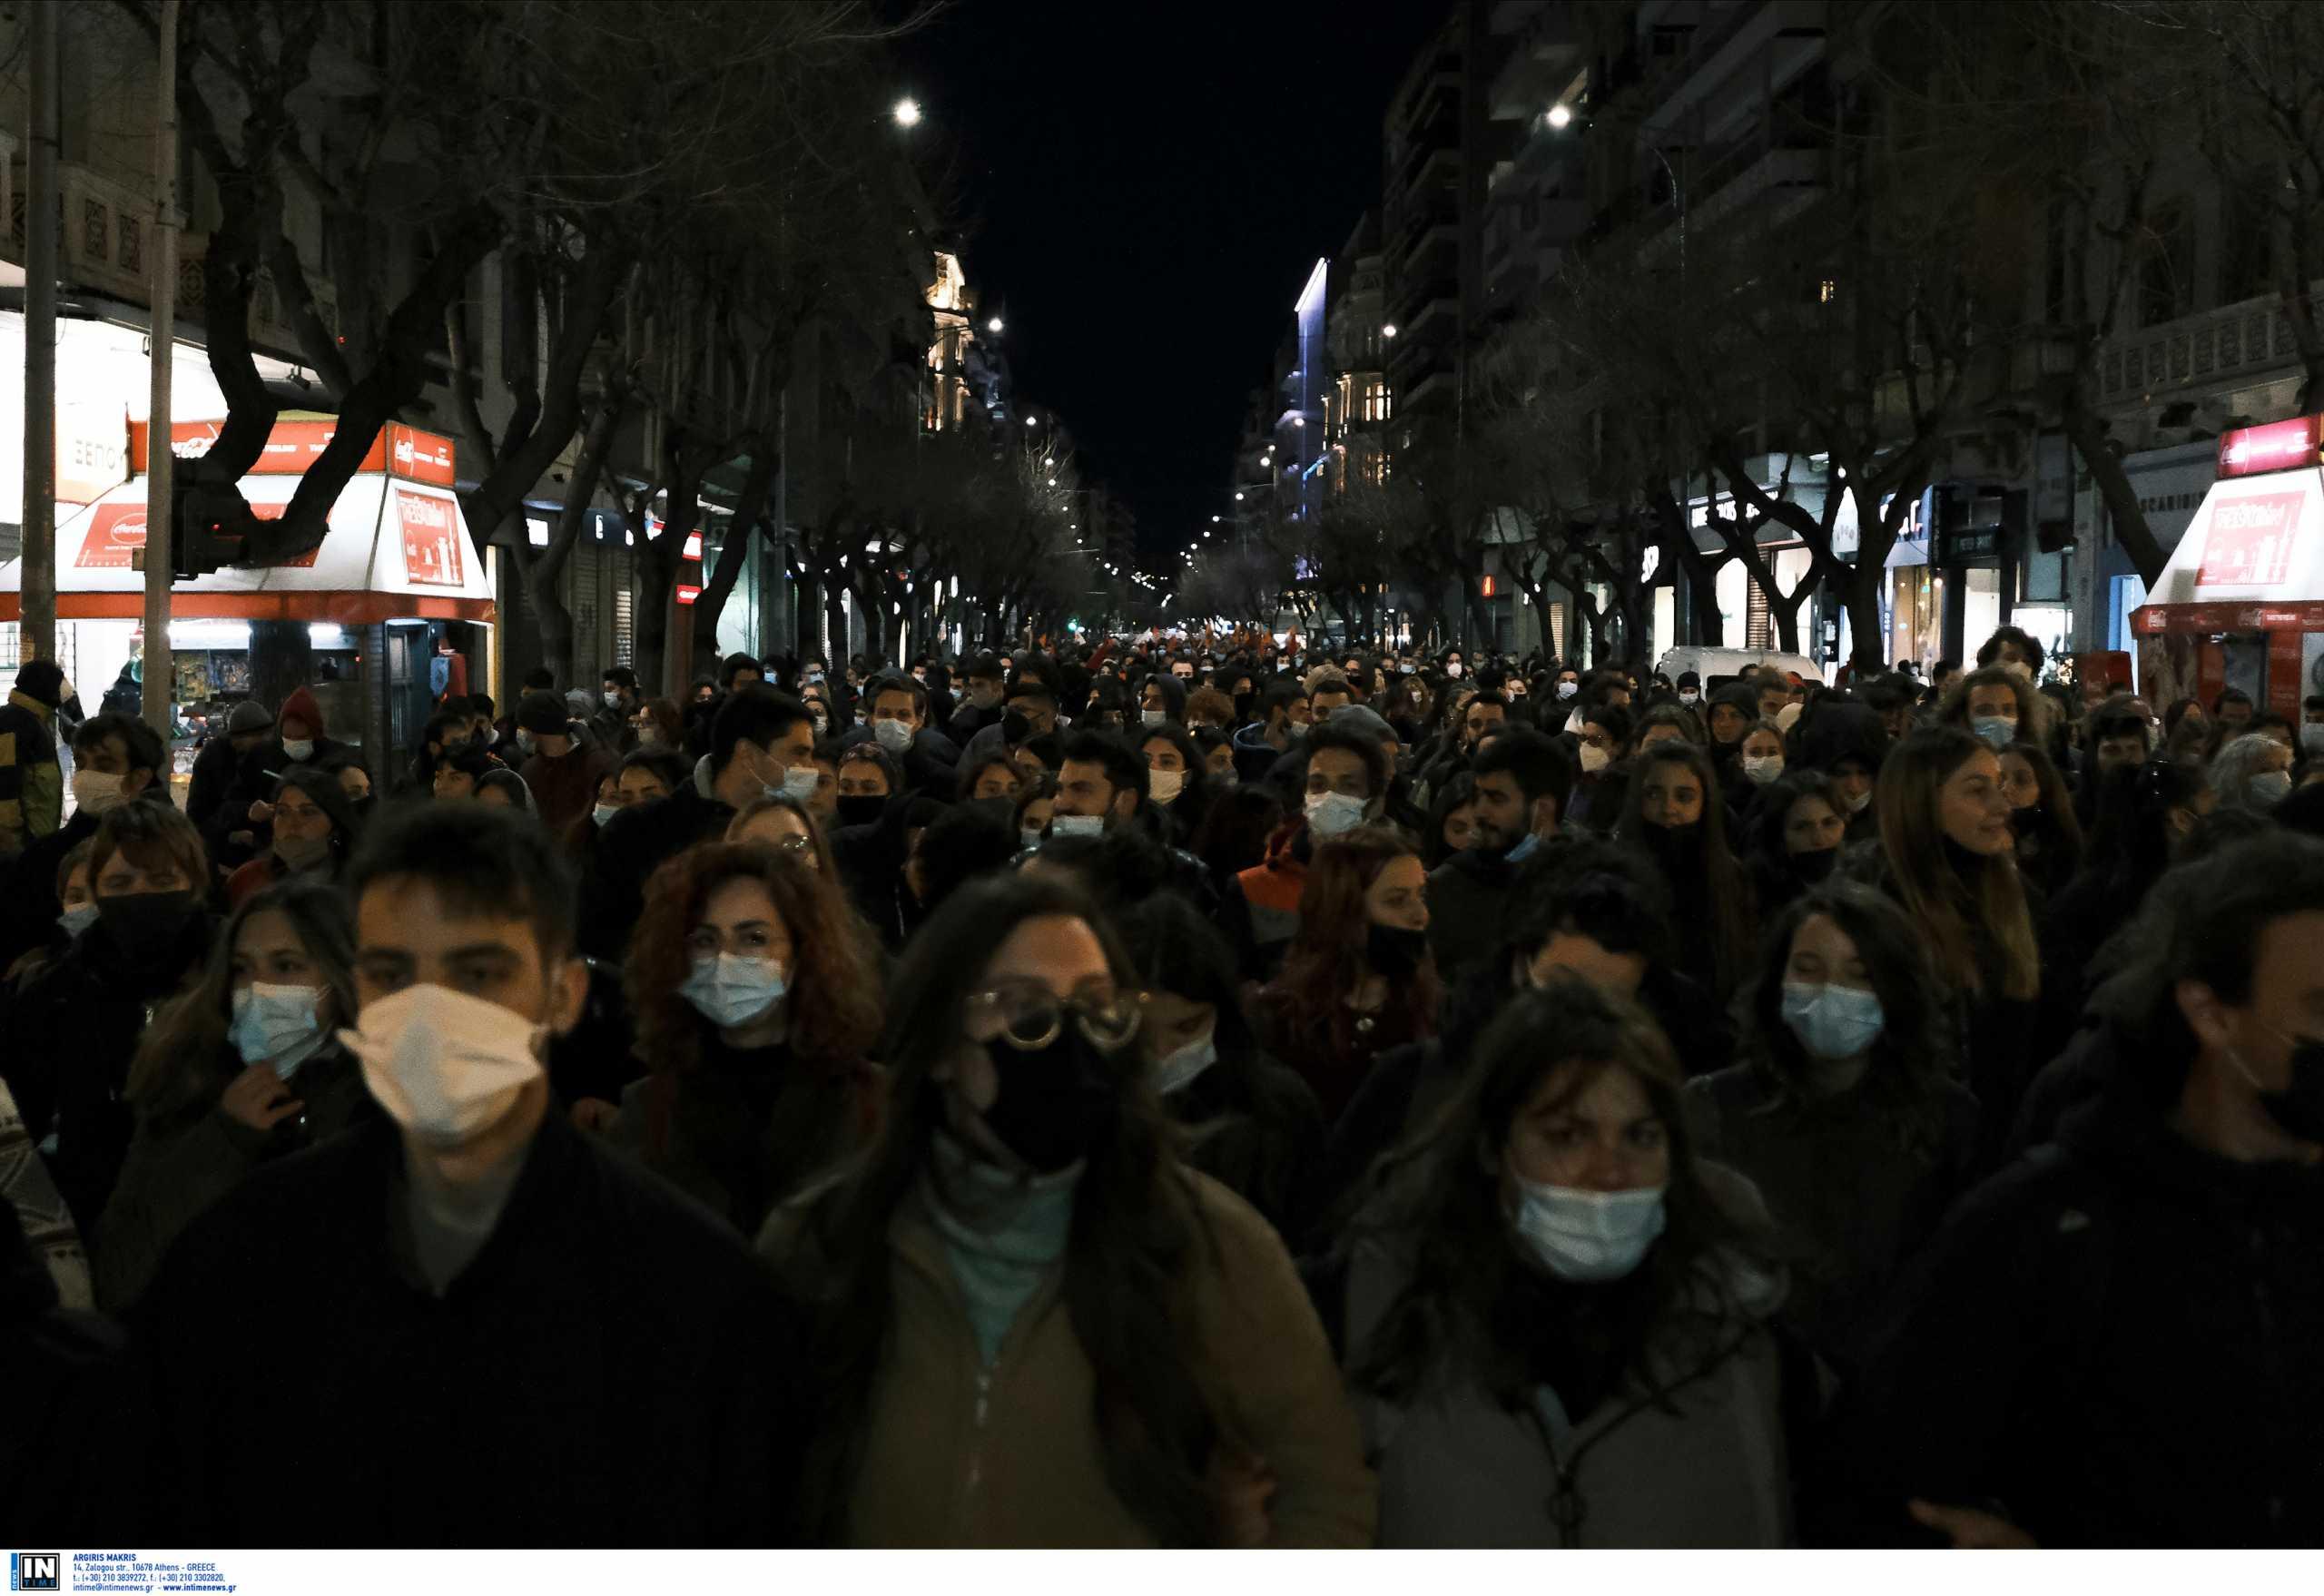 ΝΔ: Είχαμε 14 πορείες την ημέρα – Ο Τσίπρας αναλάμβανε το ρίσκο για την εξάπλωση της πανδημίας